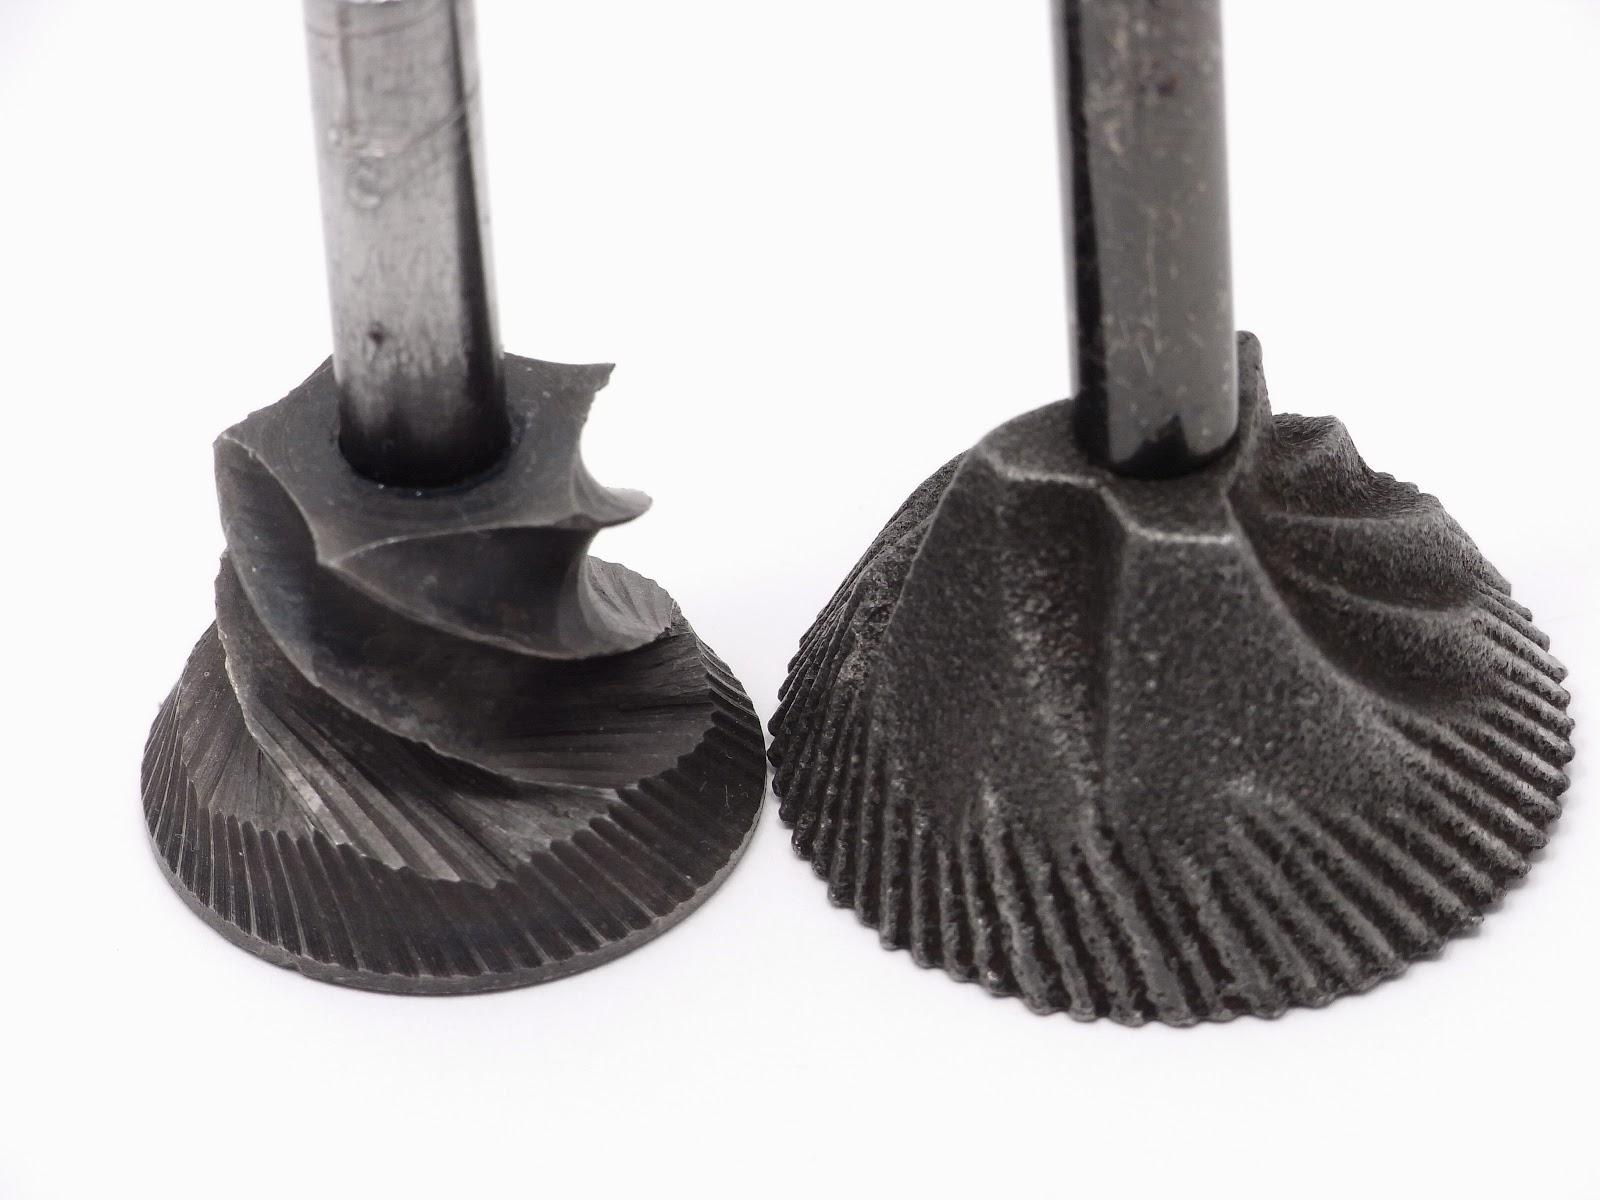 KONO コーノ式ミル F205の内刃 ザッセンハウスの内刃